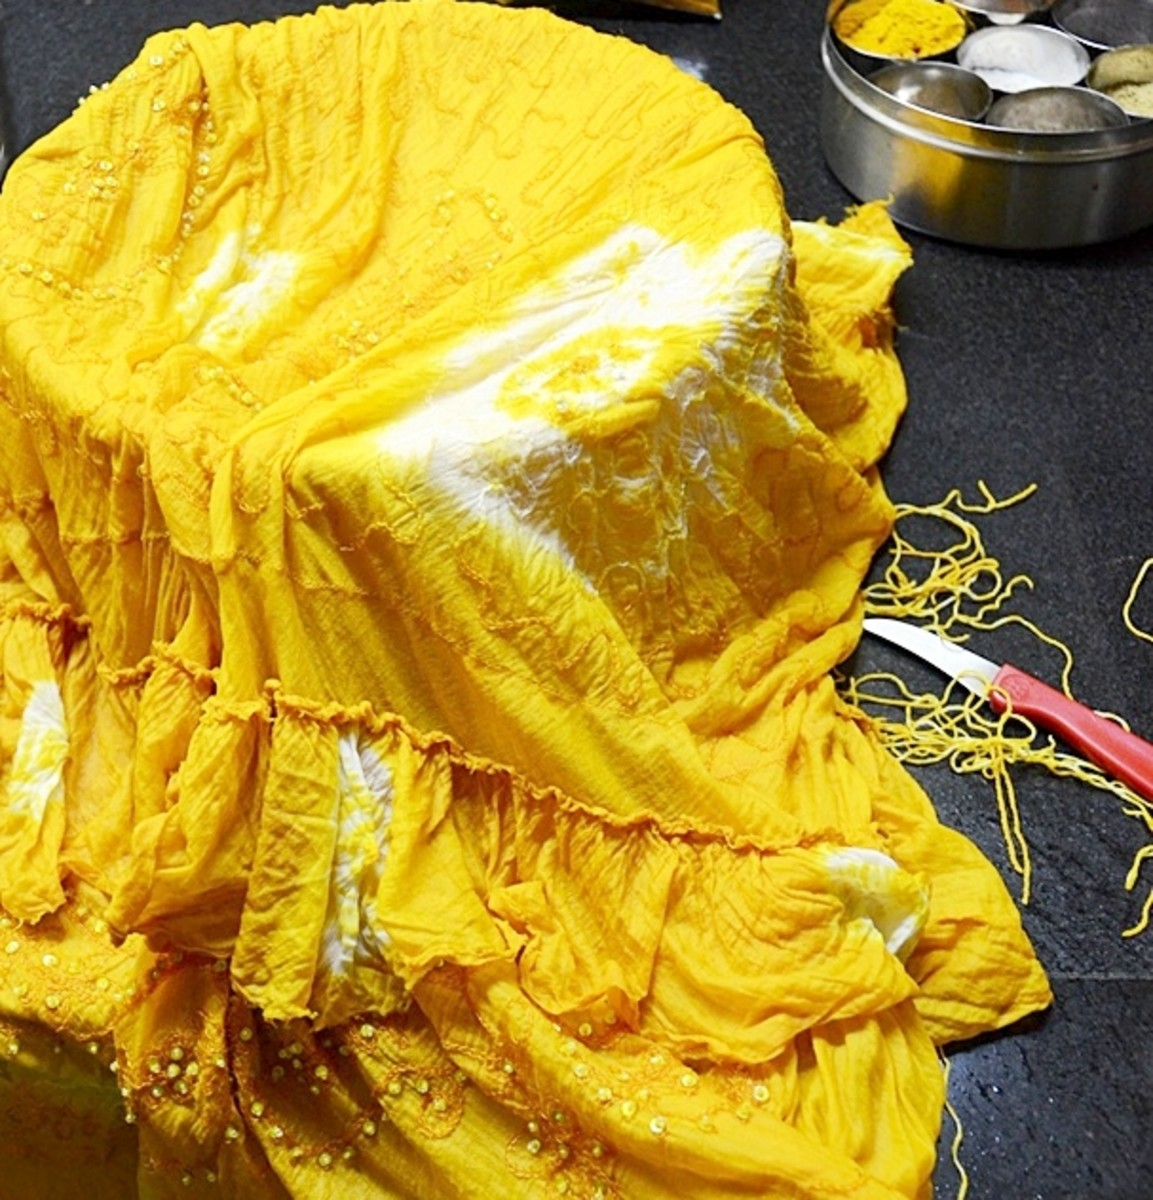 Tie-dye with Turmeric - an eco-friendly alternative!